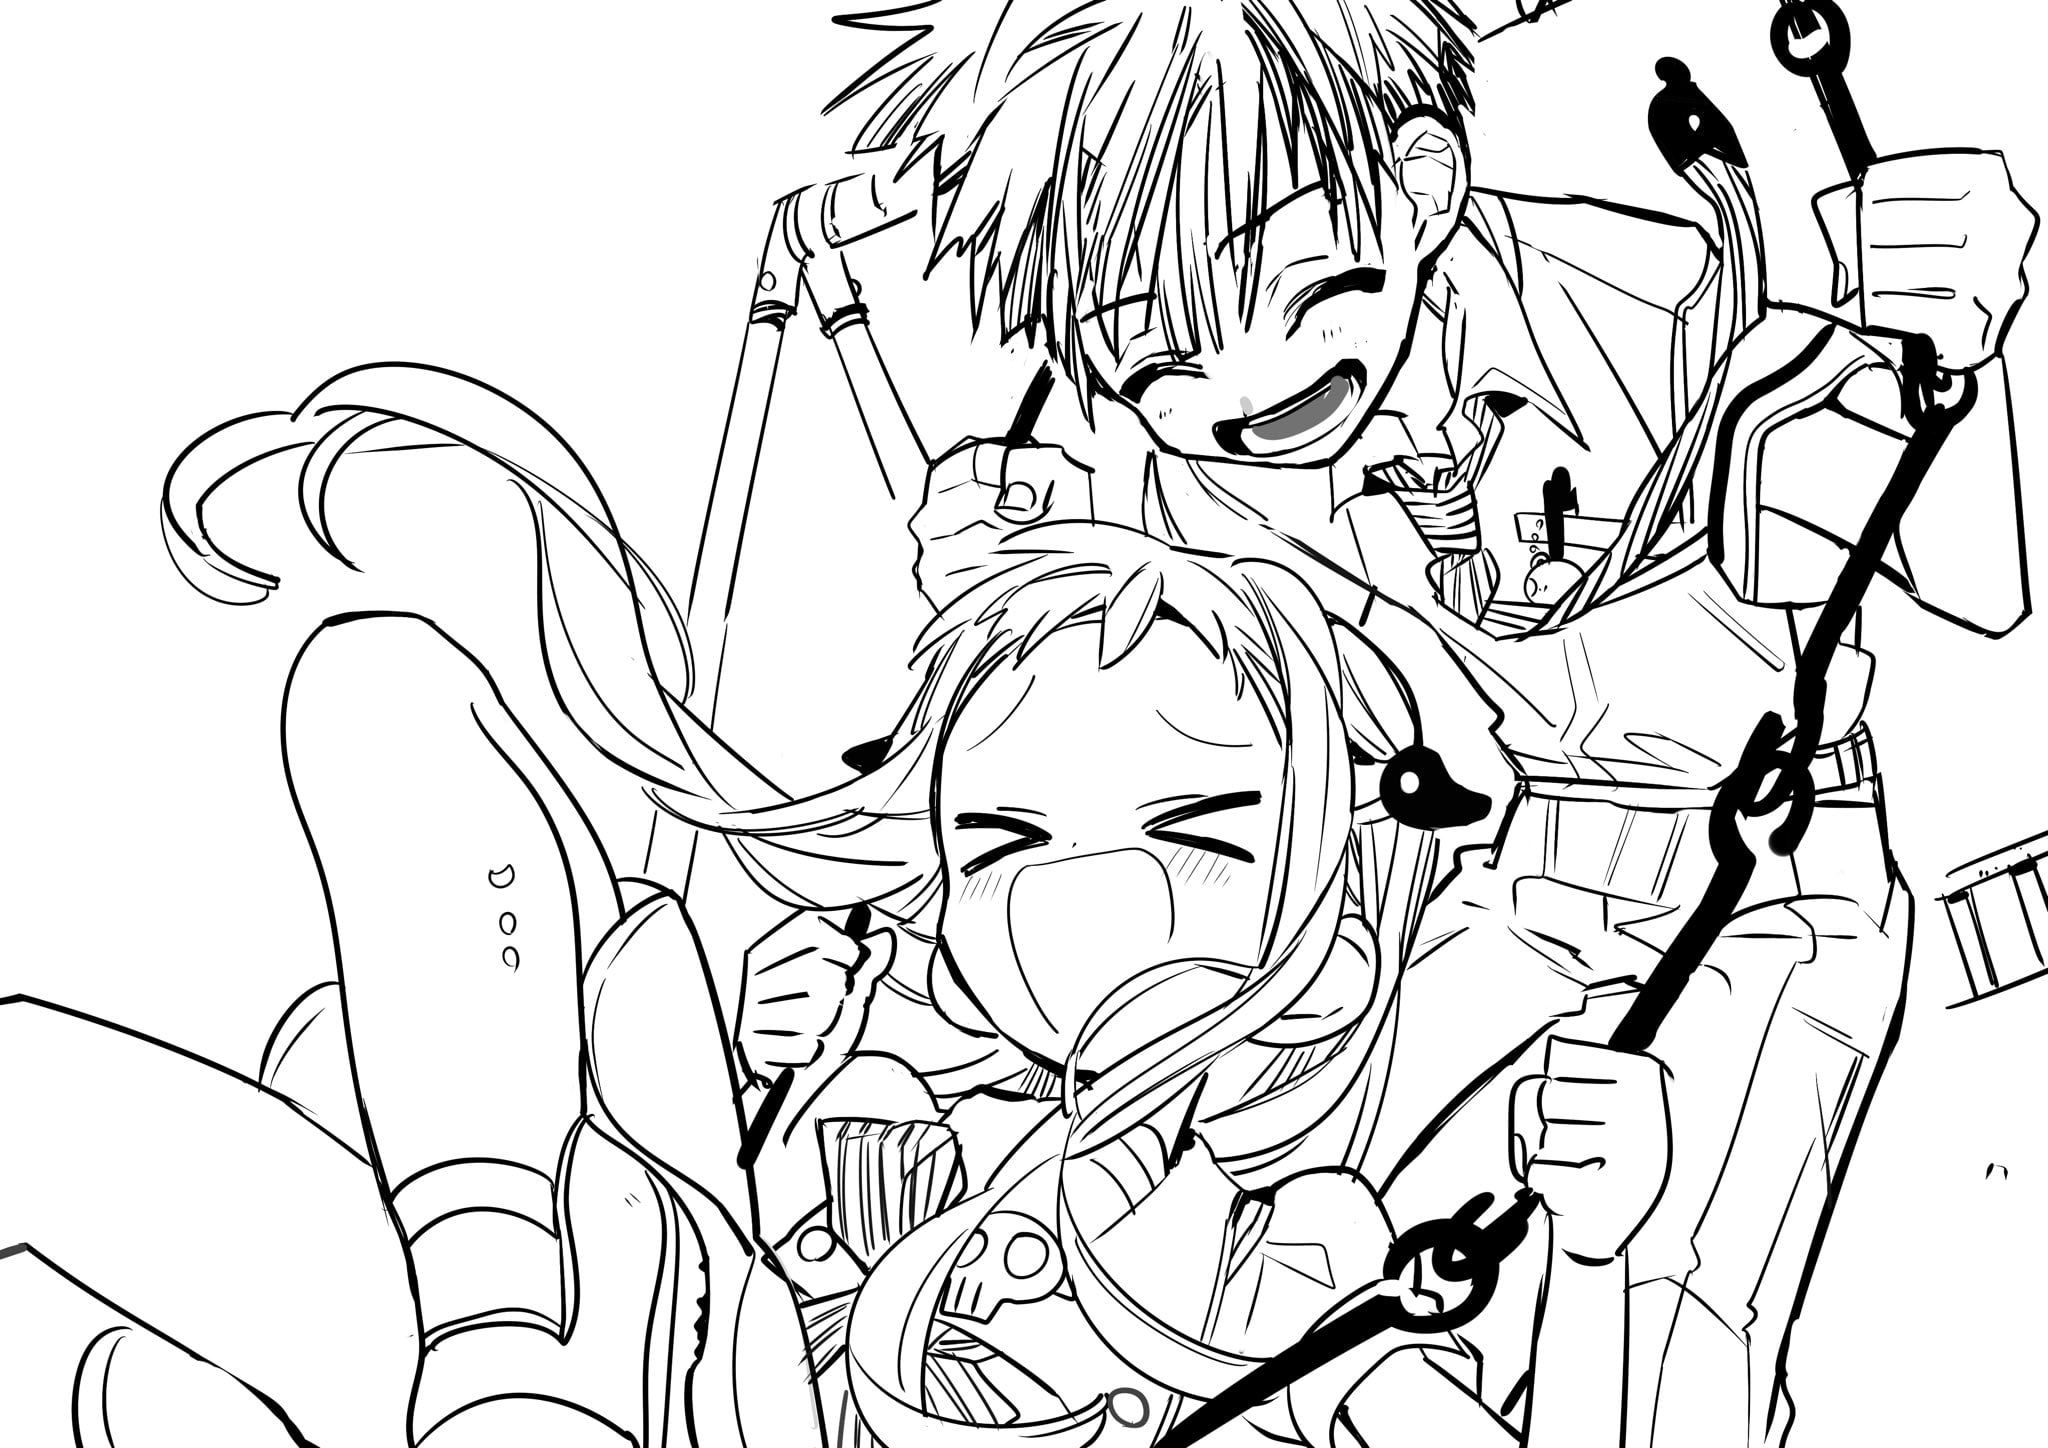 Yashiro #nene #neneyashiro #jibakushounenhanakokun #toiletboundhanakokun #anime #manga #girl #mangagirl #animegirl #cute #cuteanimegirl. #Anime Jibaku Shounen Hanako-kun #Hanako-kun Nene Yashiro ...